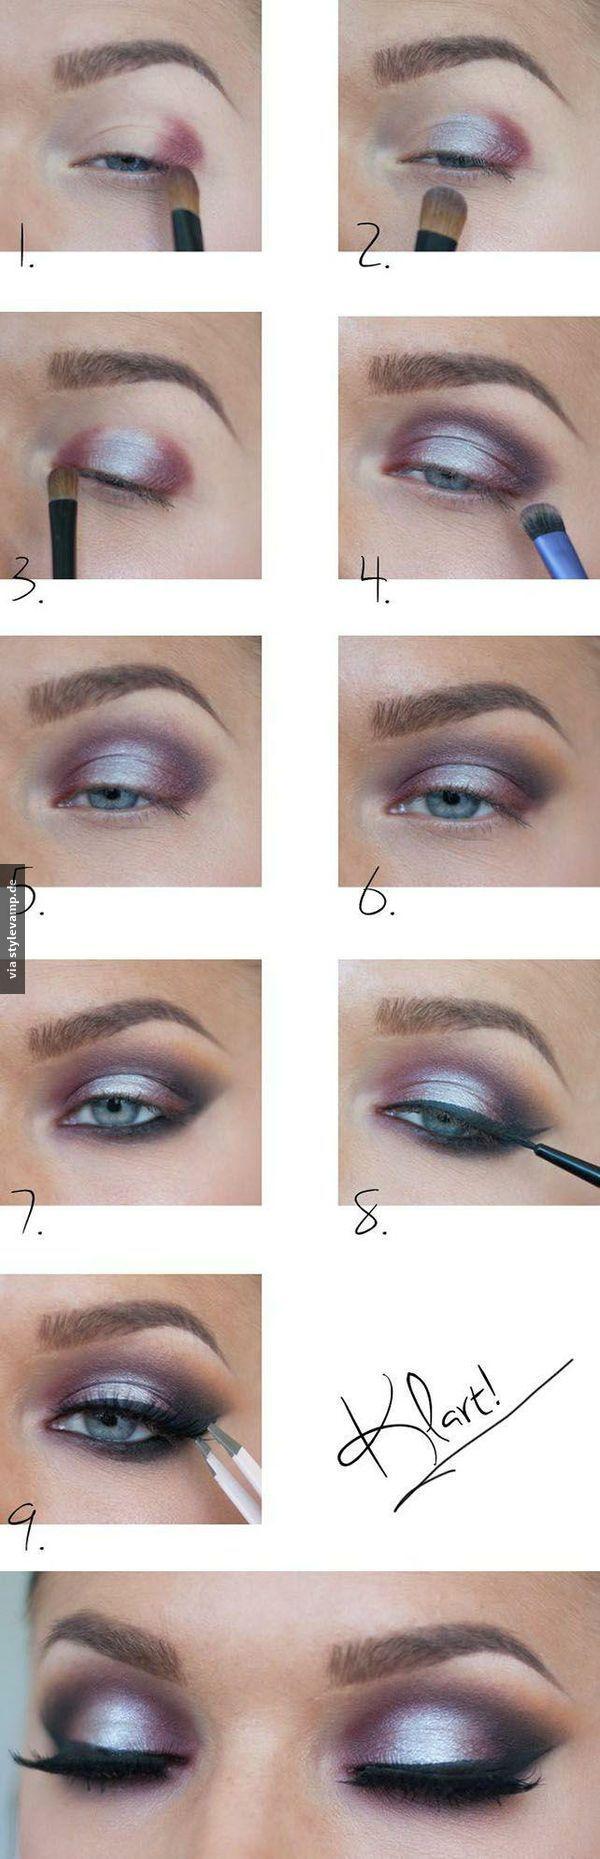 Bestechend schöne Augen!